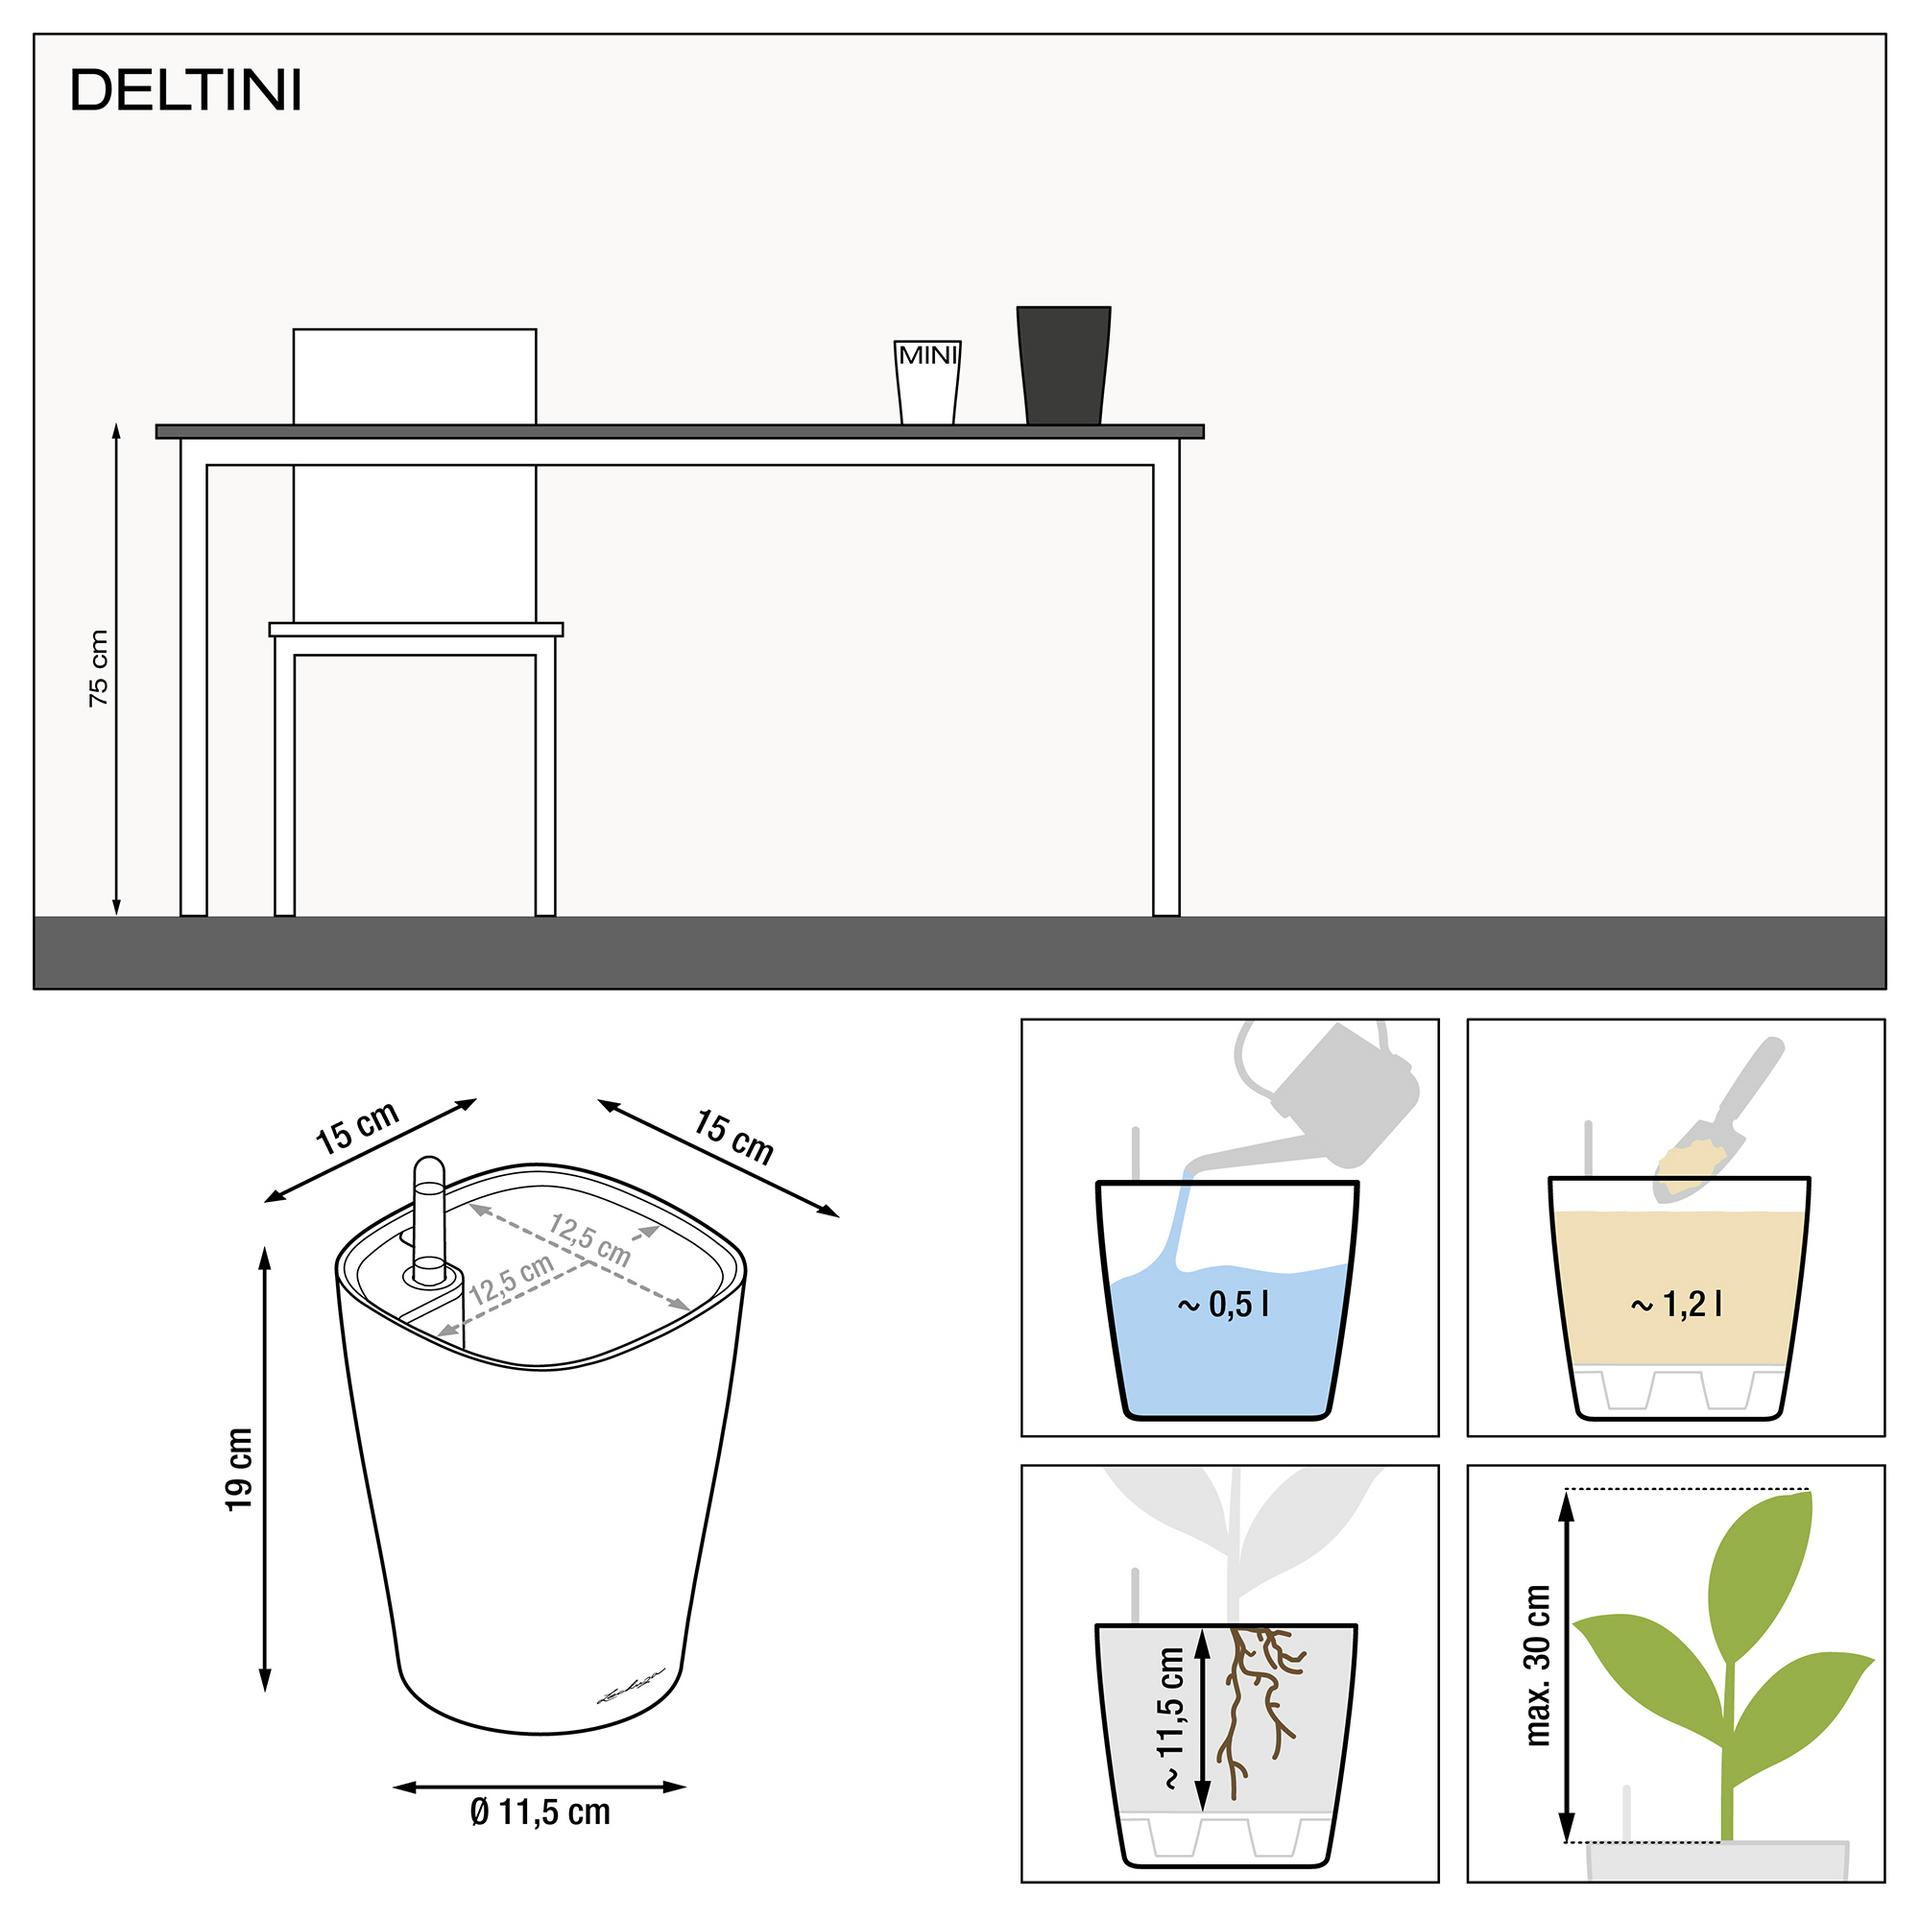 le_deltini-14_product_addi_nz